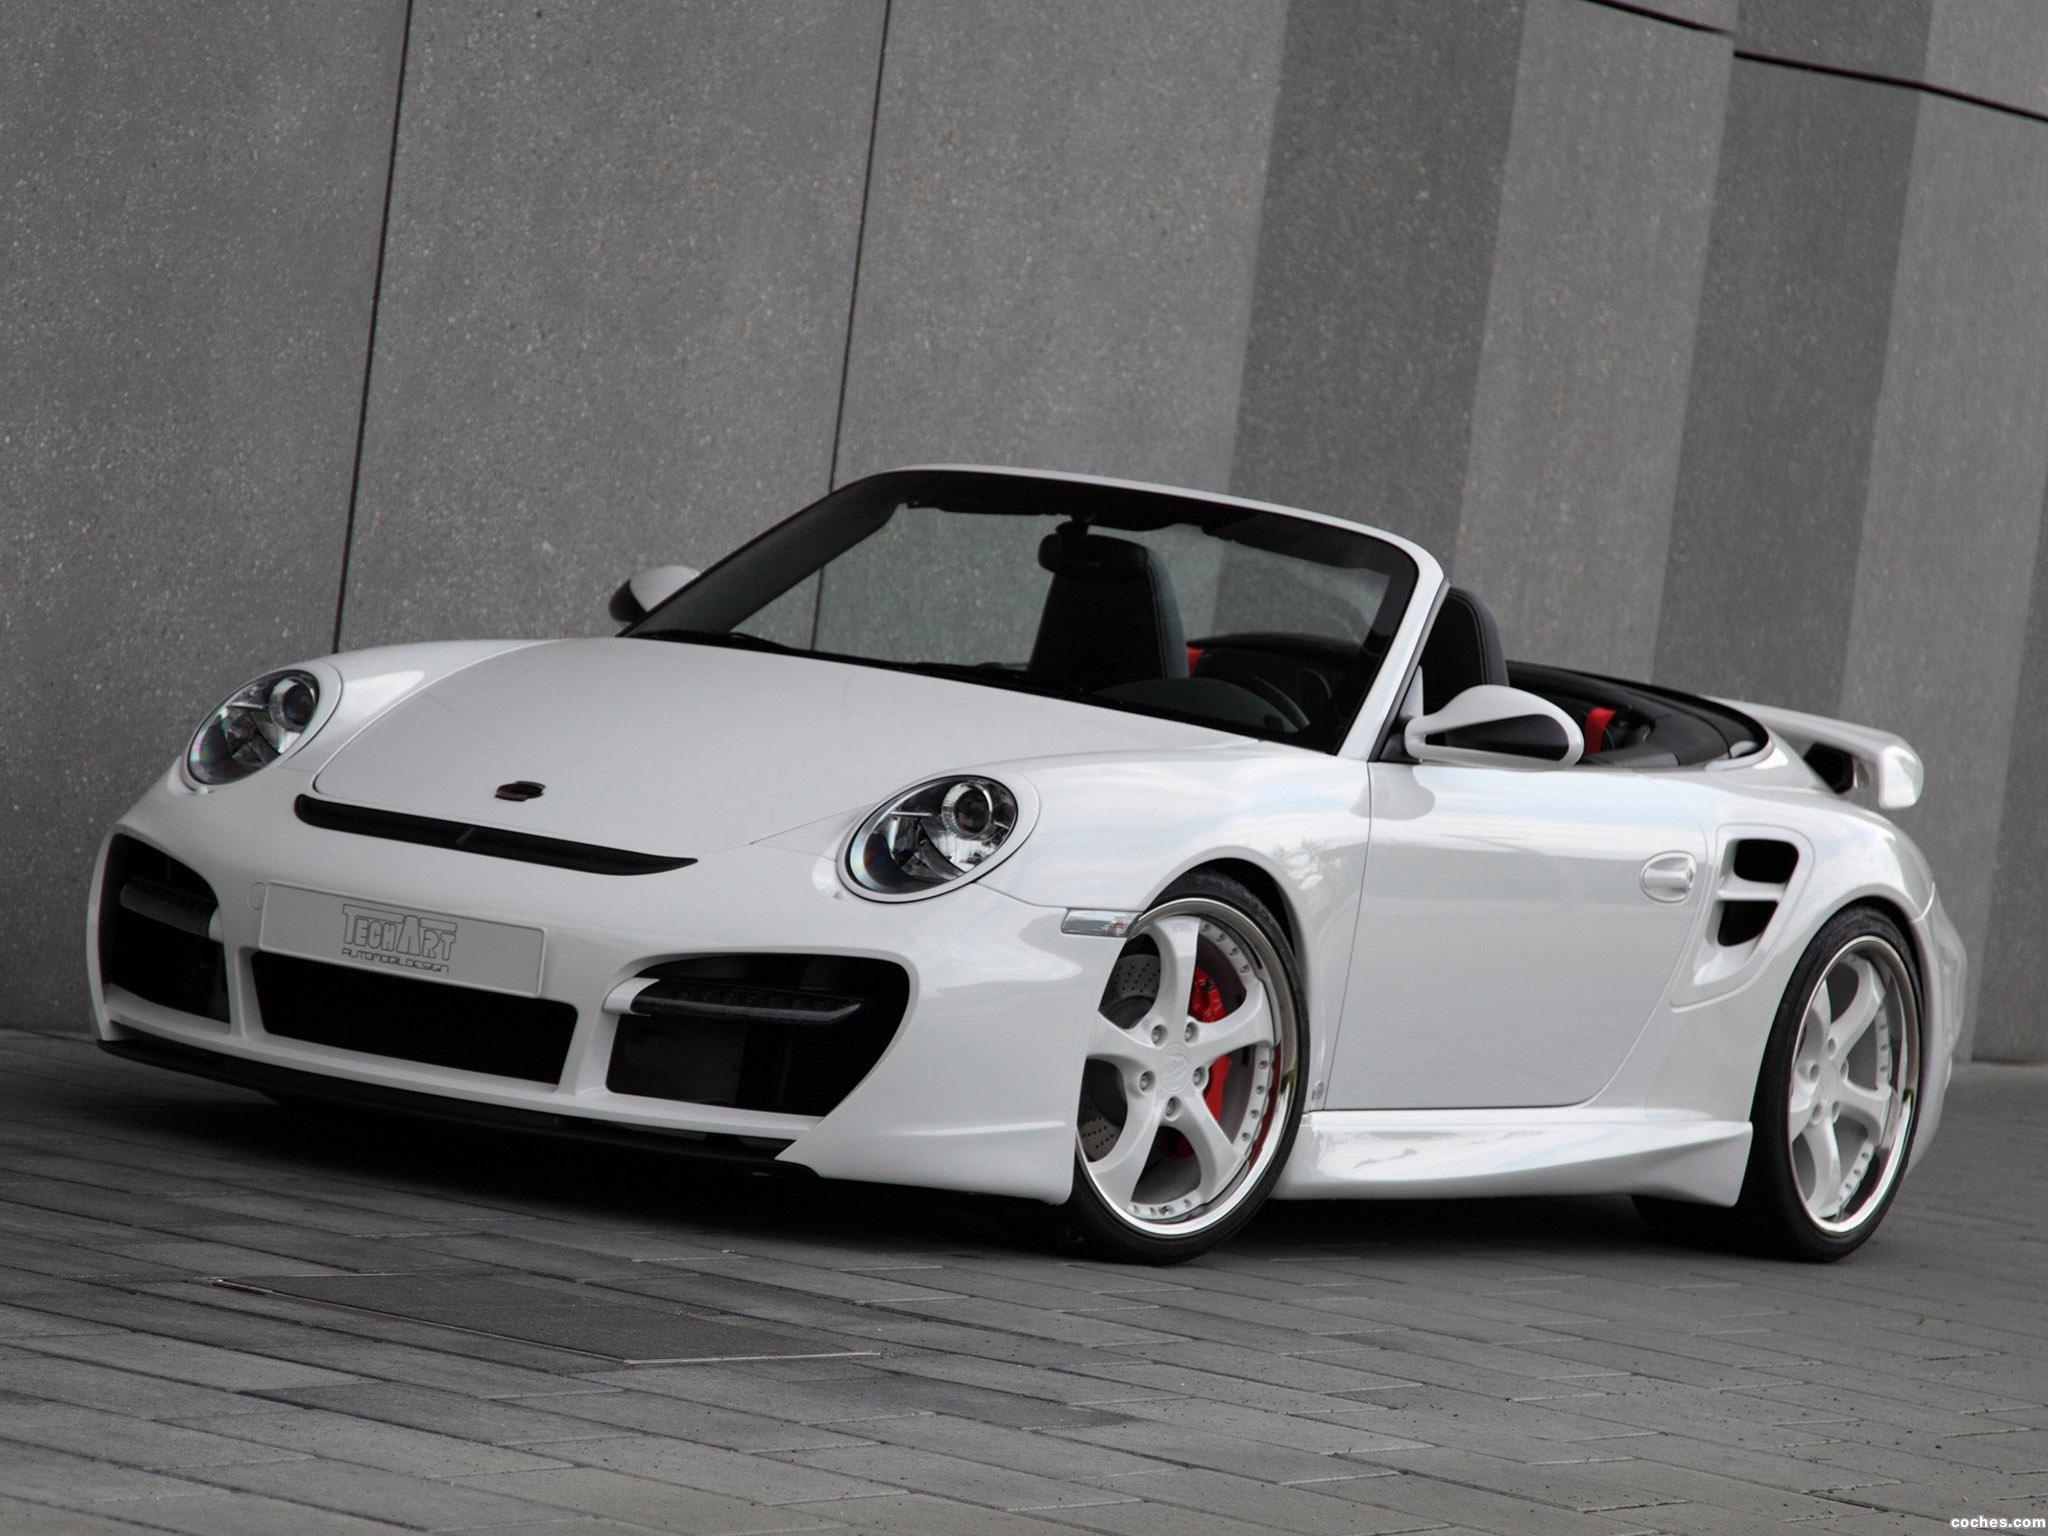 Foto 0 de Porsche Techart 911 Cabrio Turbo Aerokit II 2010